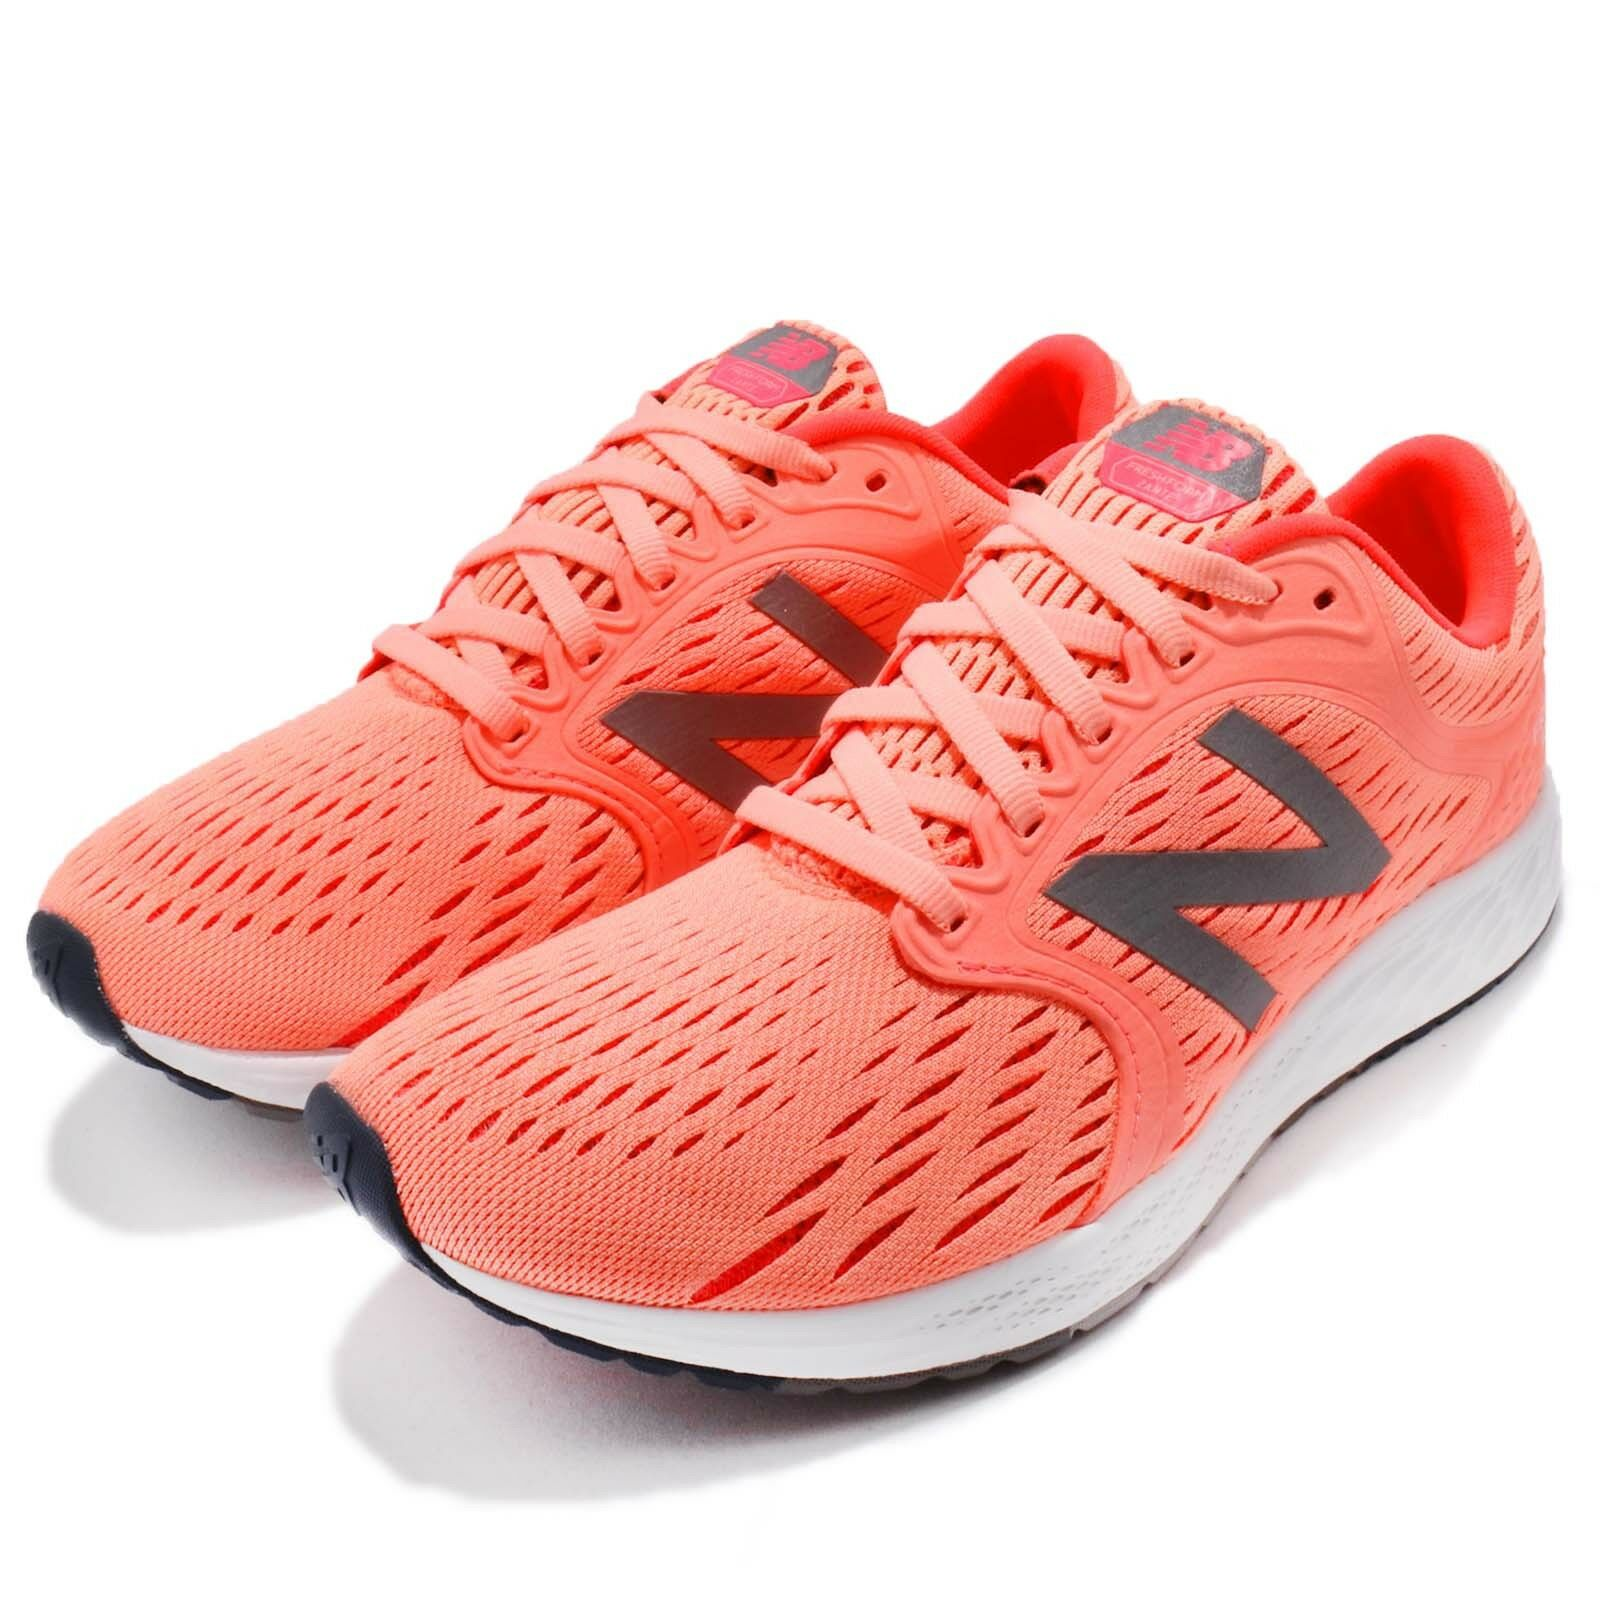 New Balance WZANTHH4 D Zante V4 Wide rosado naranja mujer mujer mujer Running zapatos WZANTHH4D  buena reputación